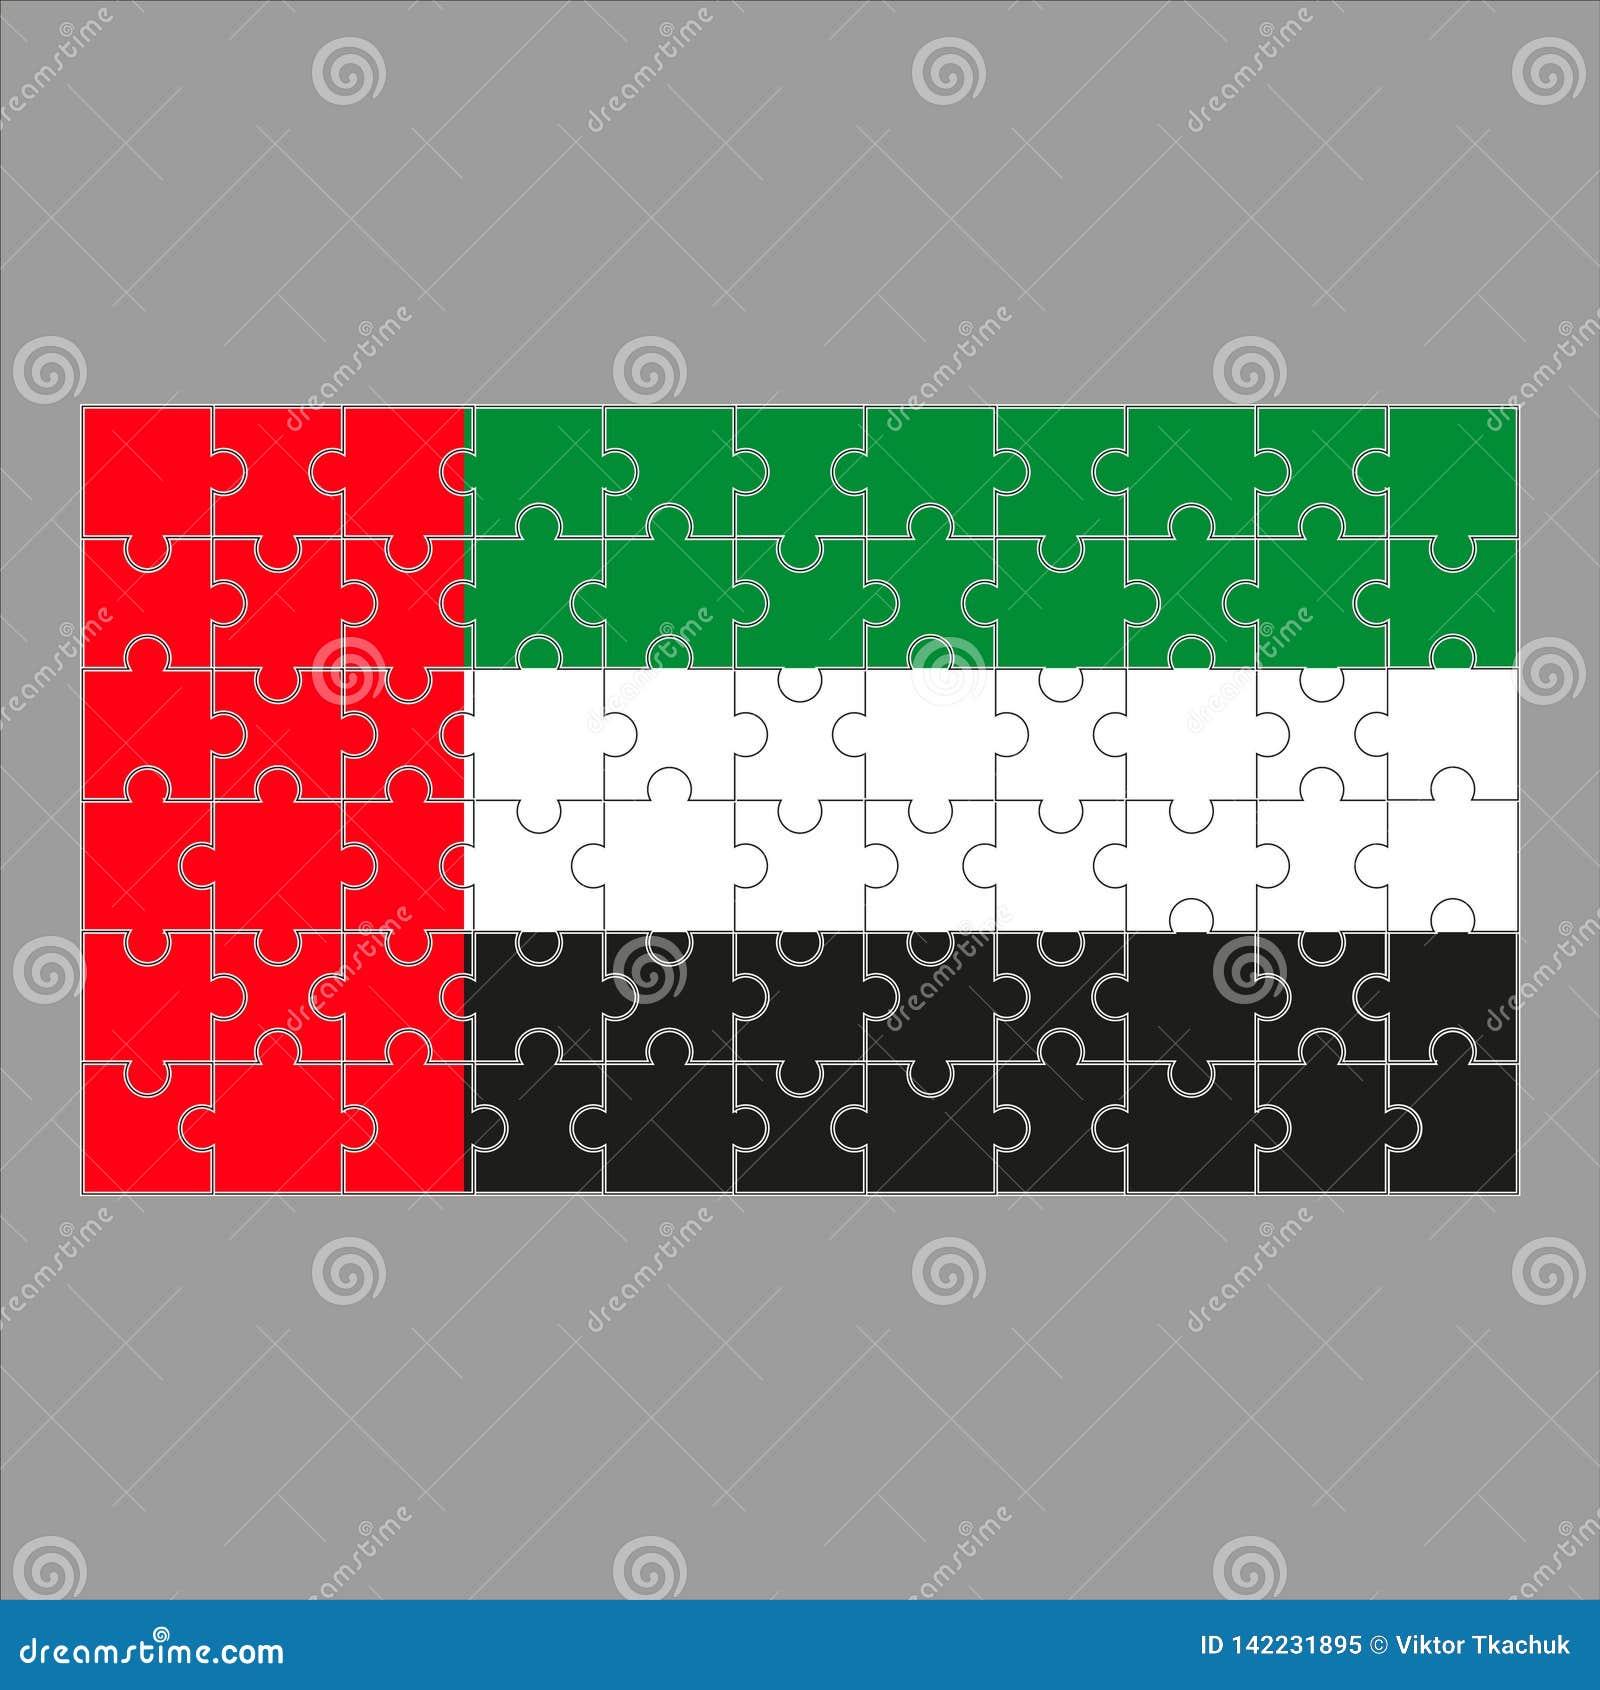 Flagga av Förenadeen Arabemiraten från pussel på en grå bakgrund